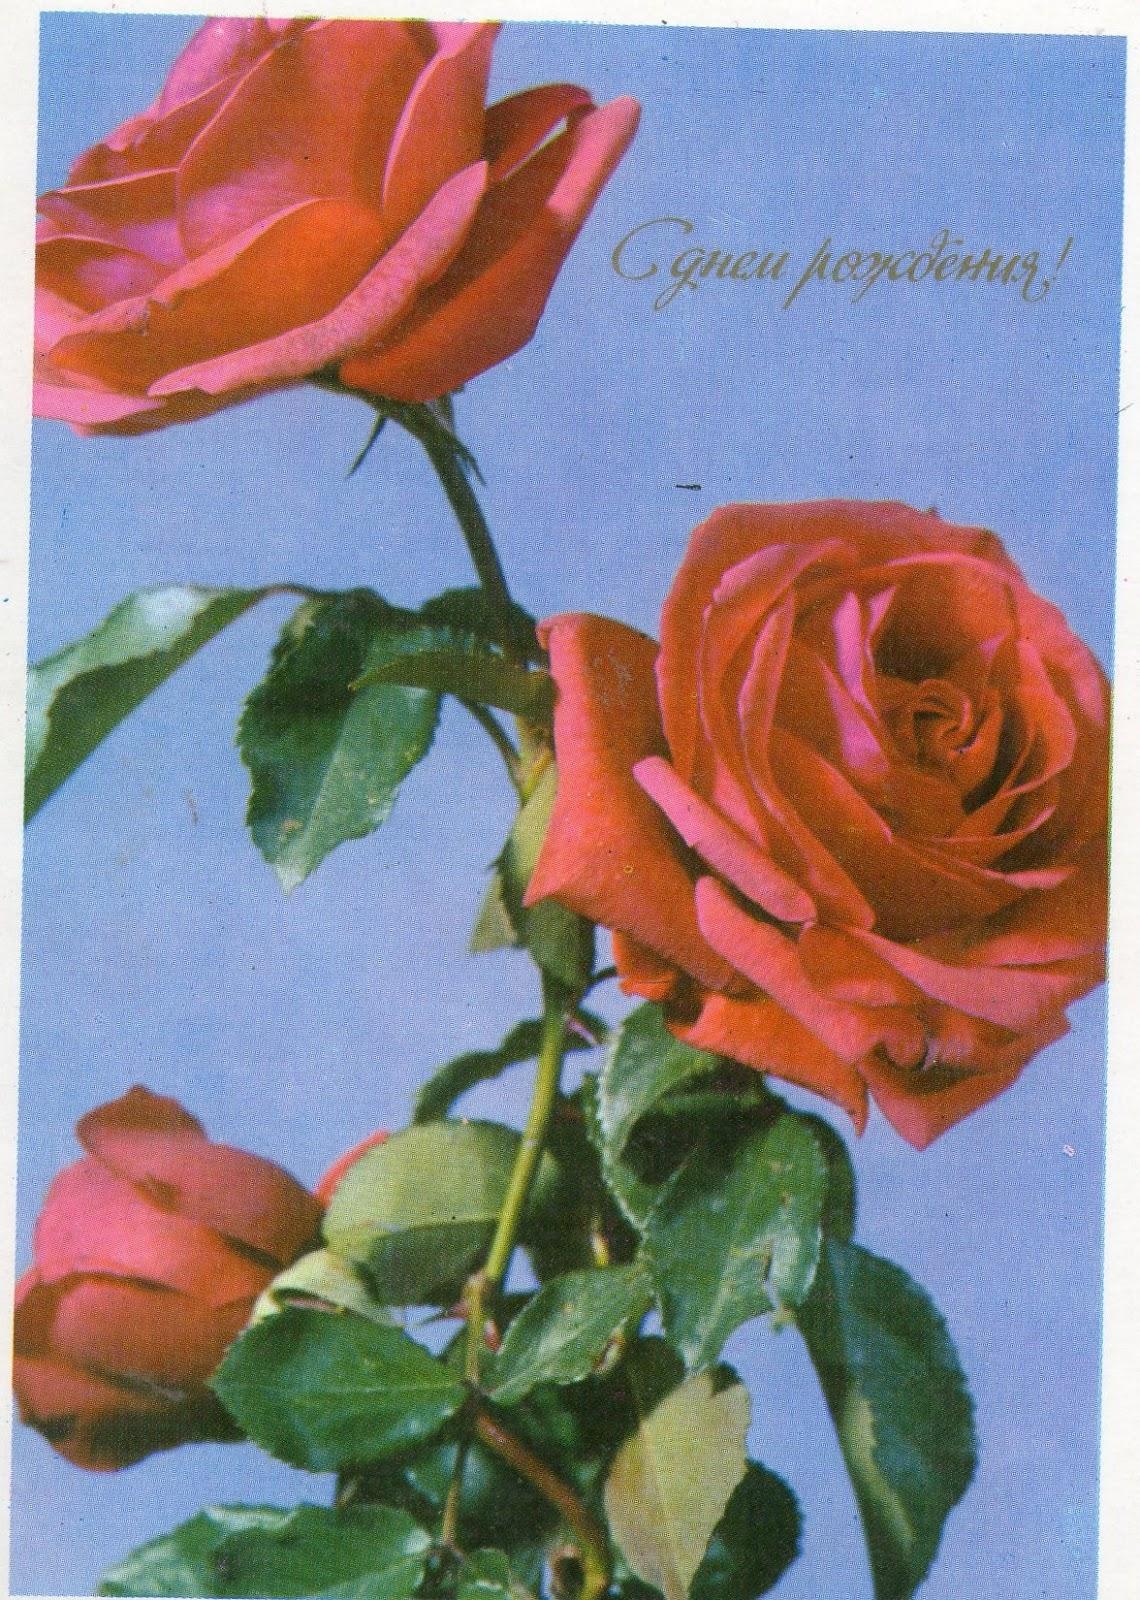 Картинки про любовь со смыслом скачать бесплатно - прикольные картинки про любовь скачать бесплатно